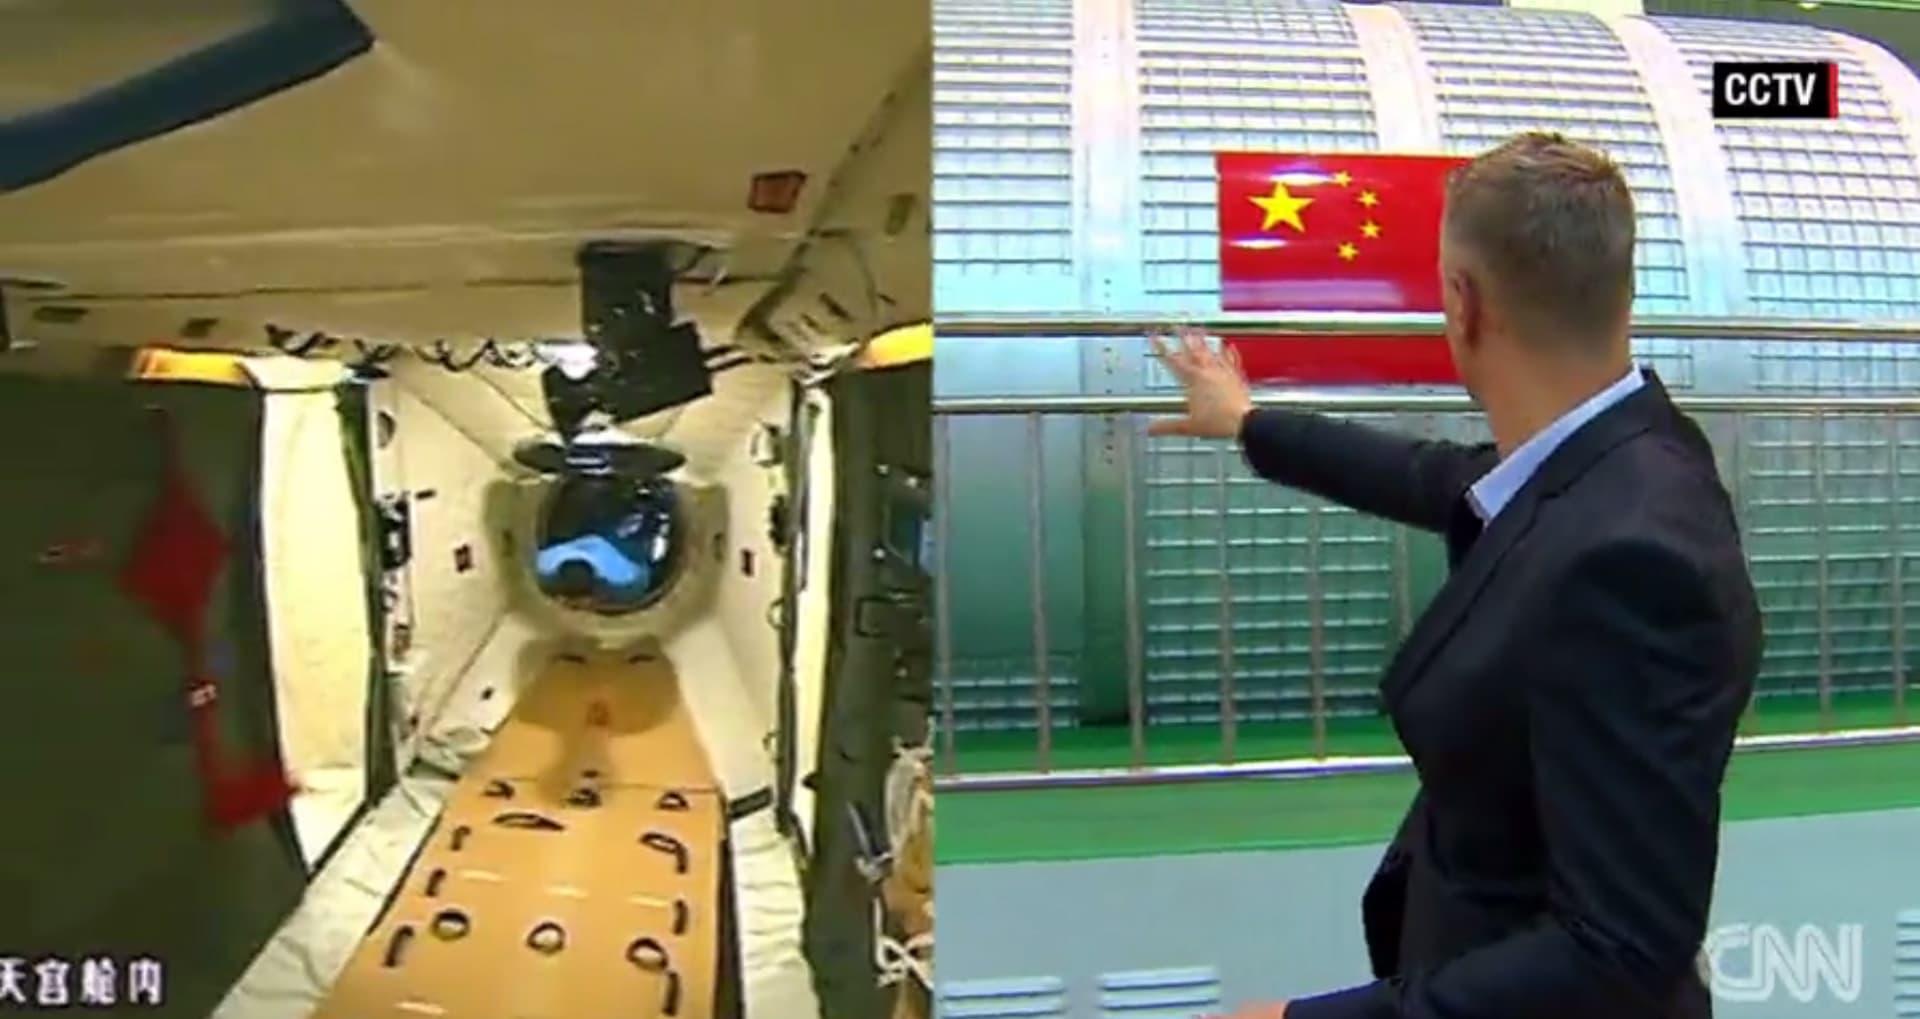 الصين تعتزم إنشاء محطة فضائية بحلول عام 2020